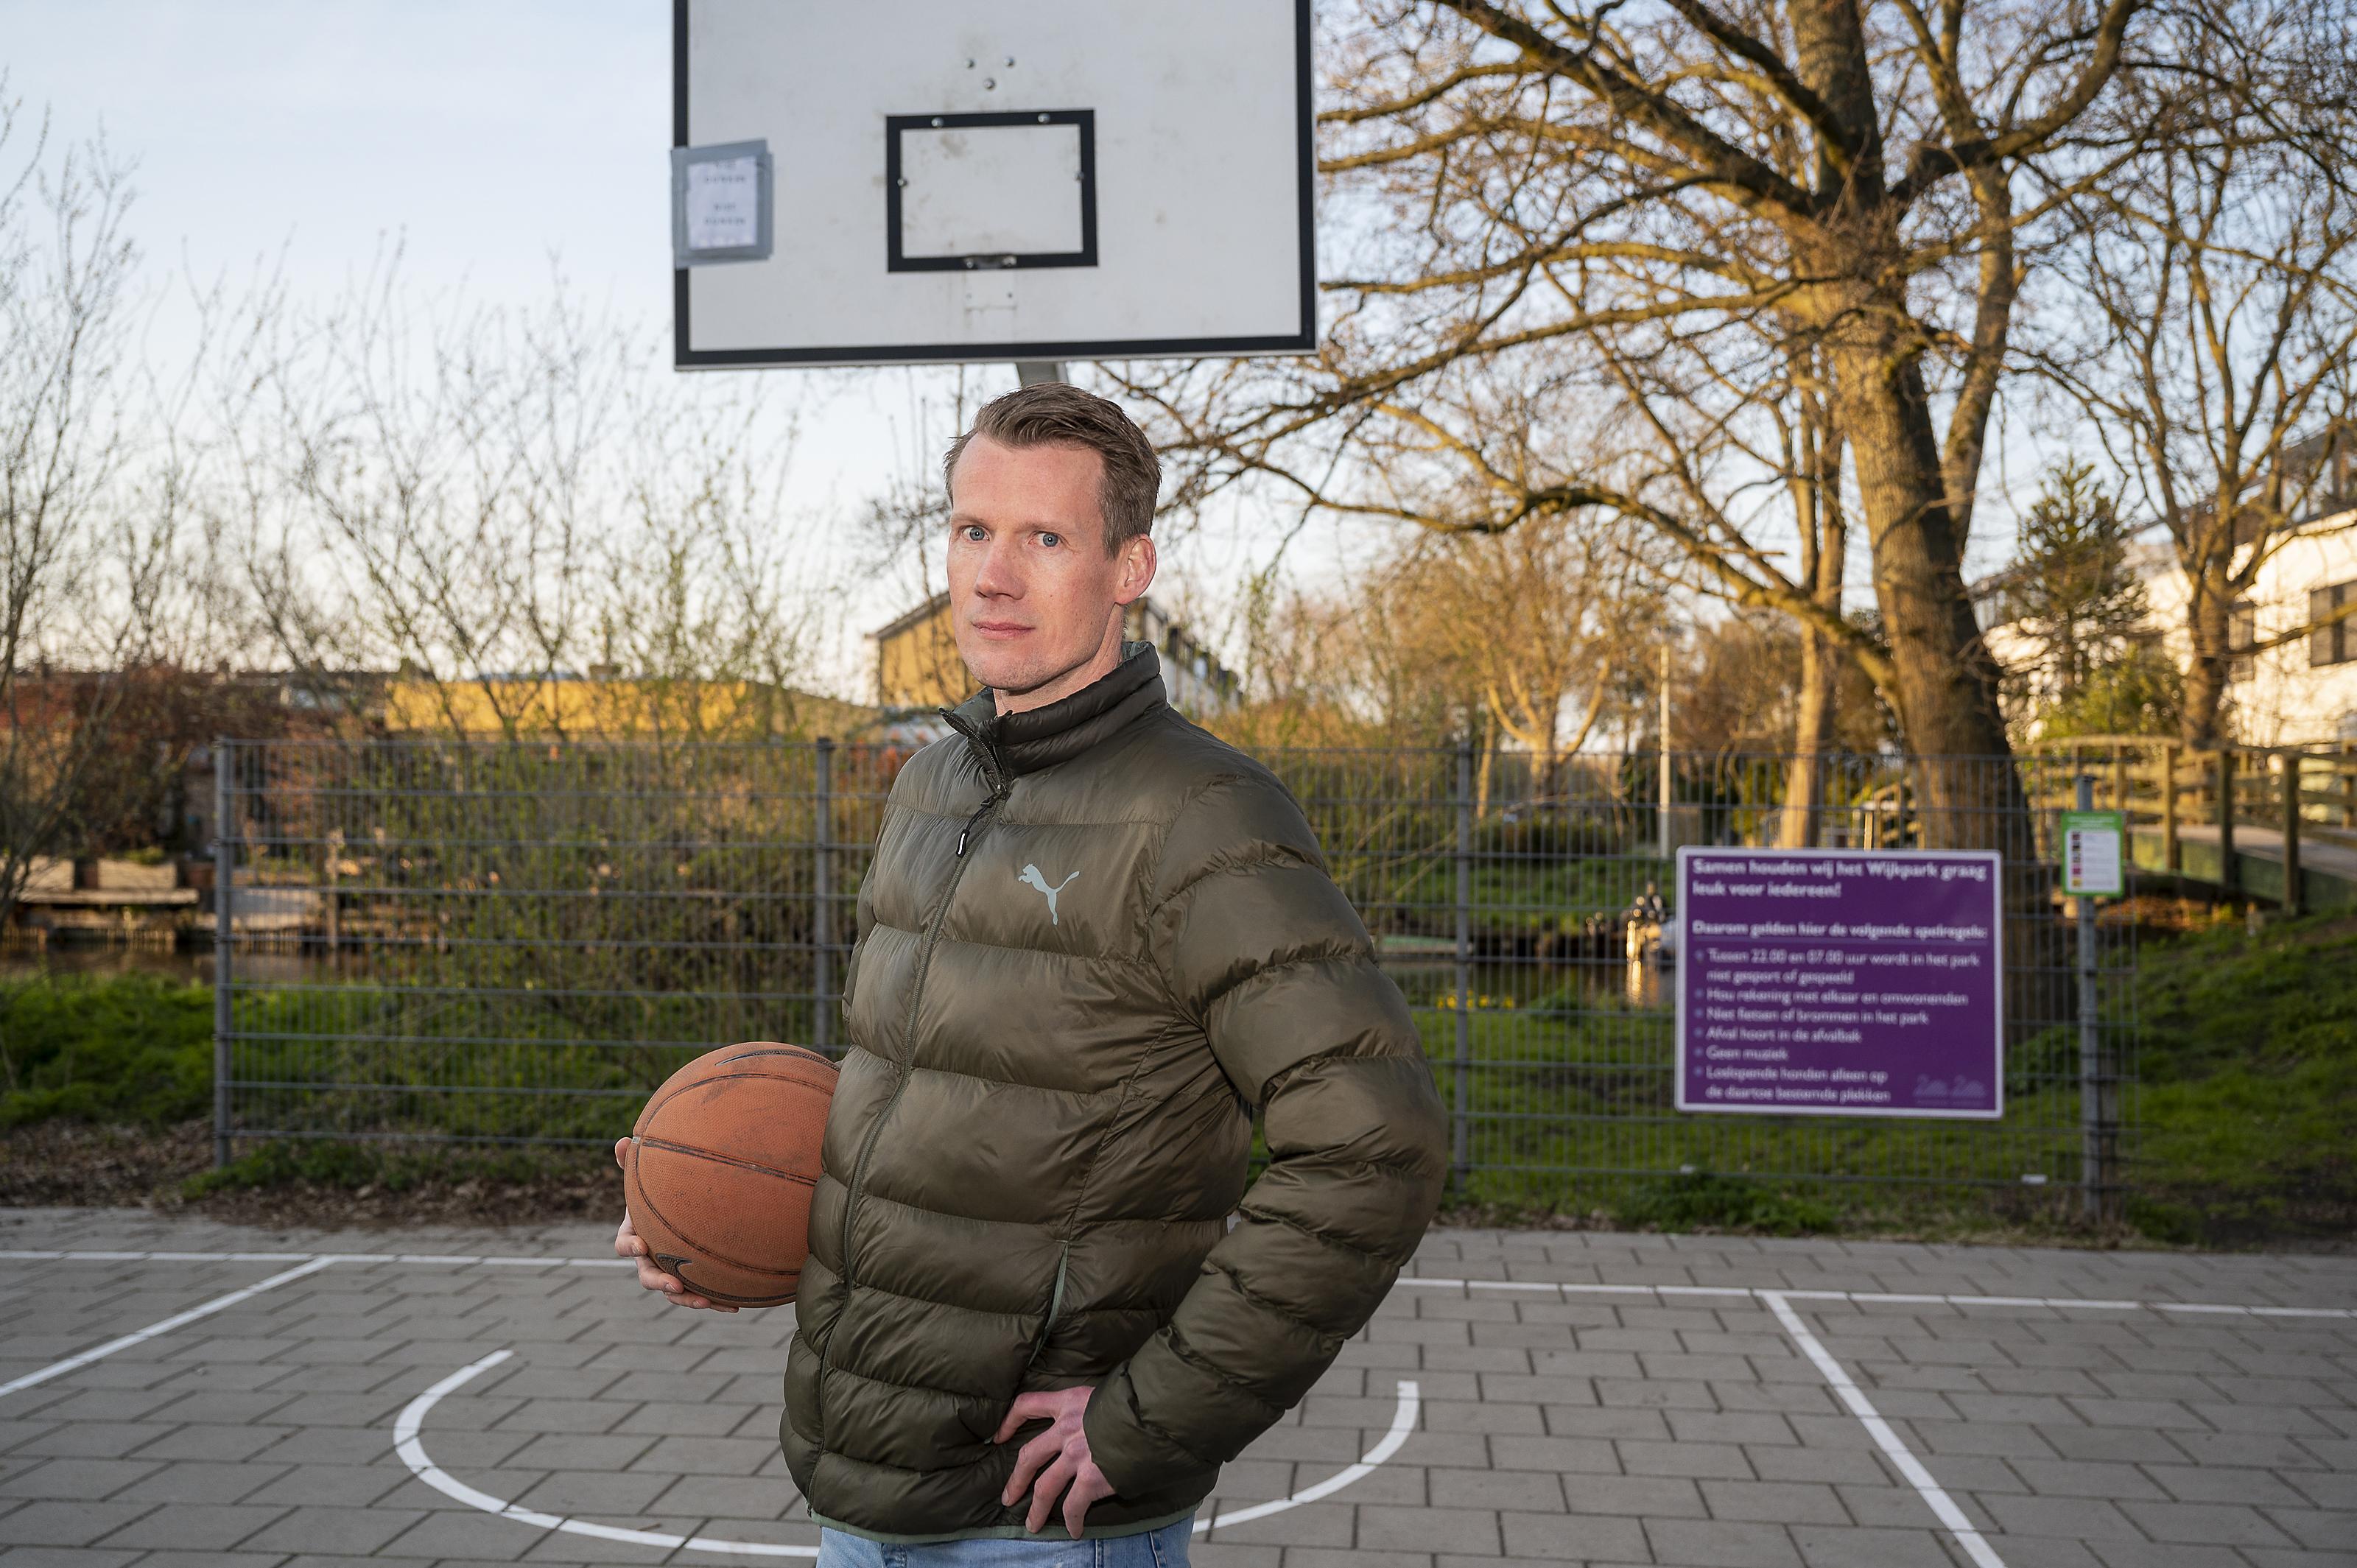 Basketbalclub Landslake Lions kan door vermiste baskets niet trainen in het Wijkpark in Landsmeer, discussie over overlast loopt hoog op: 'Gestuiter van de bal hoort bij een basketbalveld'